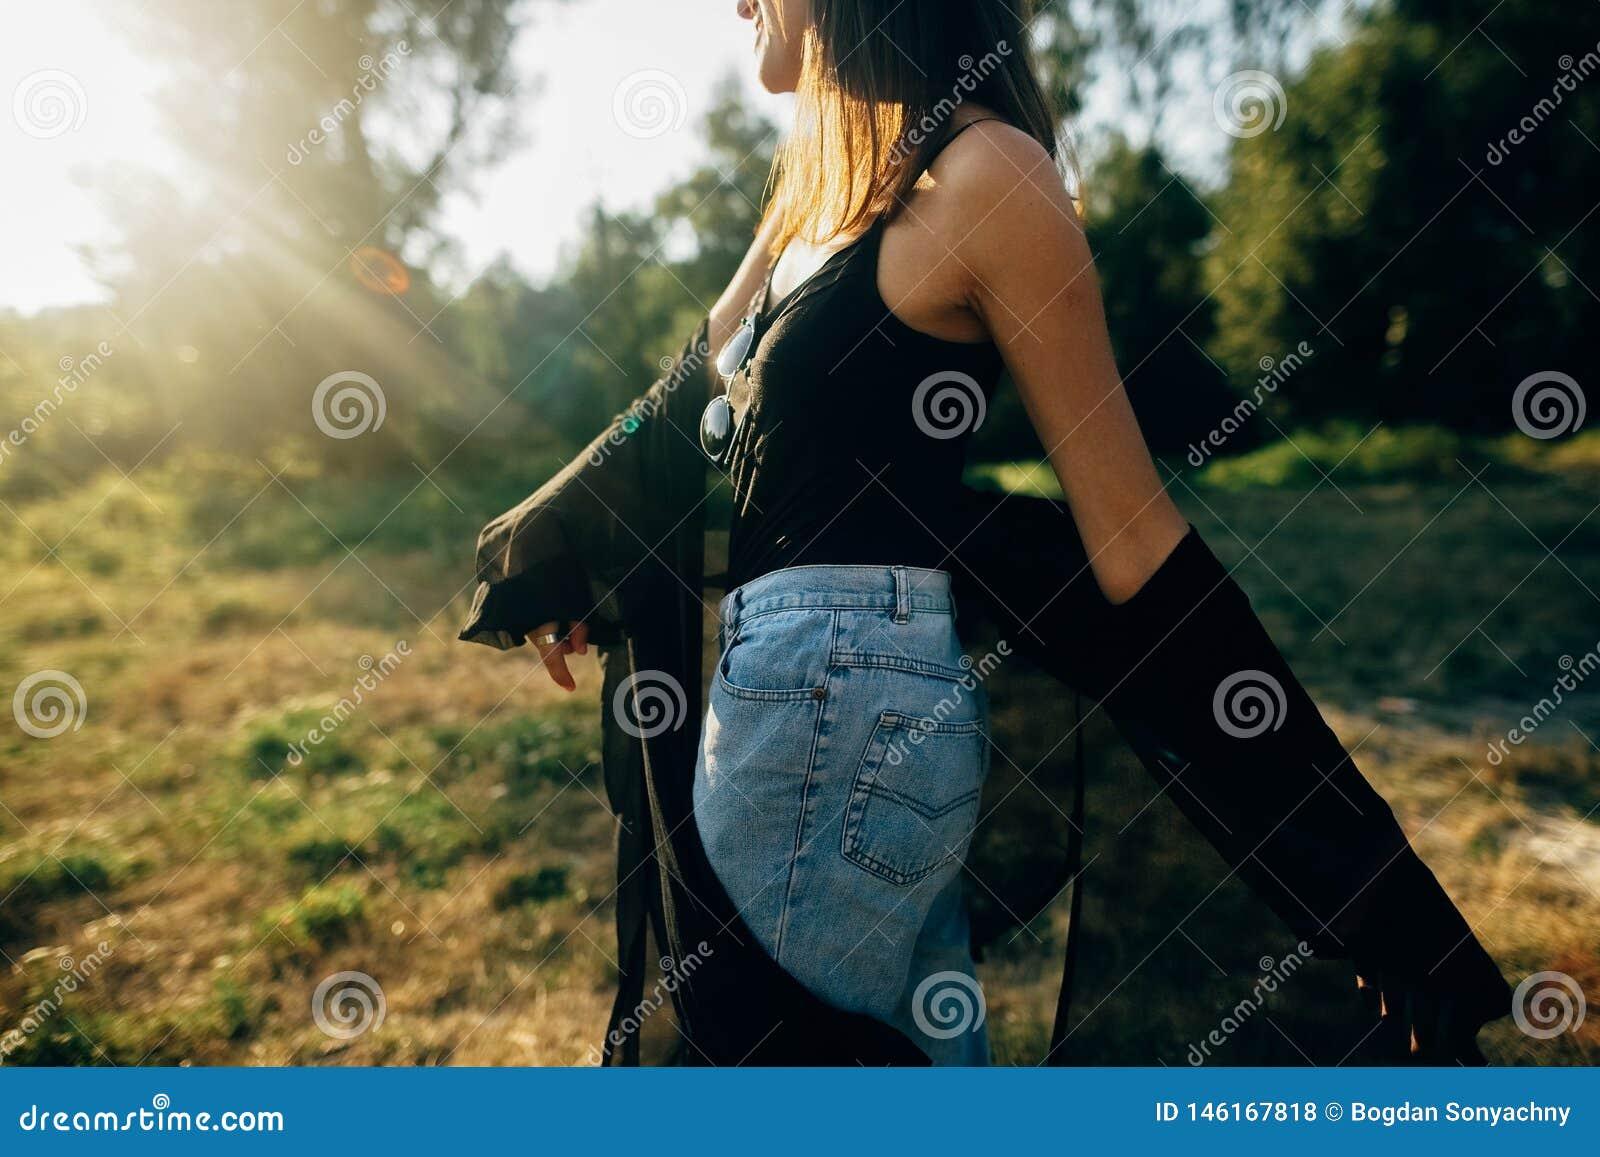 Μοντέρνο κορίτσι hipster που έχει τη διασκέδαση στο ηλιόλουστο πάρκο στις καταπληκτικές ηλιαχτίδες, ατμοσφαιρική στιγμή Μοντέρνη